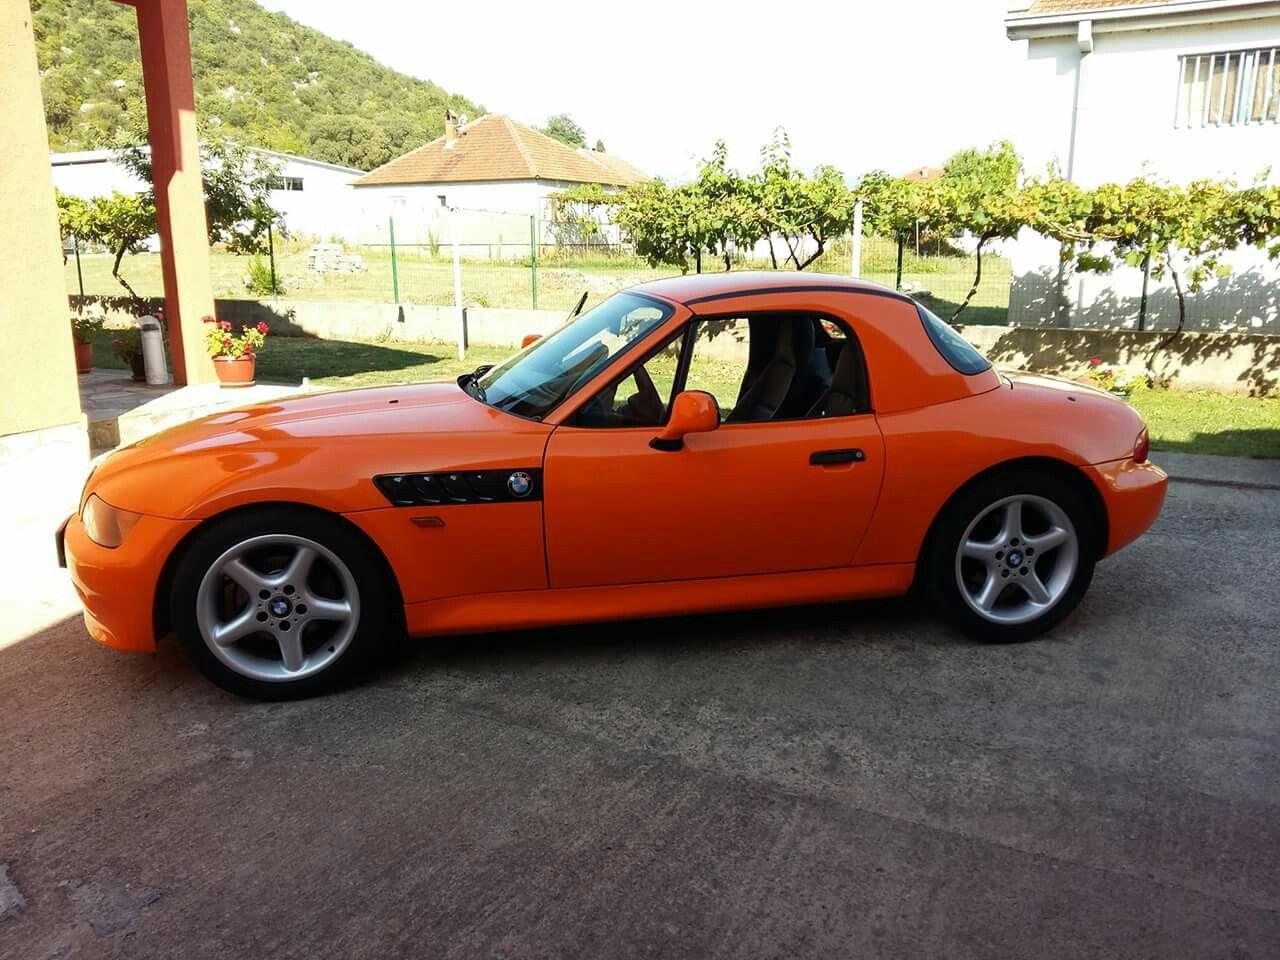 Bmw Z3 Orange Bmw Roadsters Amp Coupes Pinterest Bmw